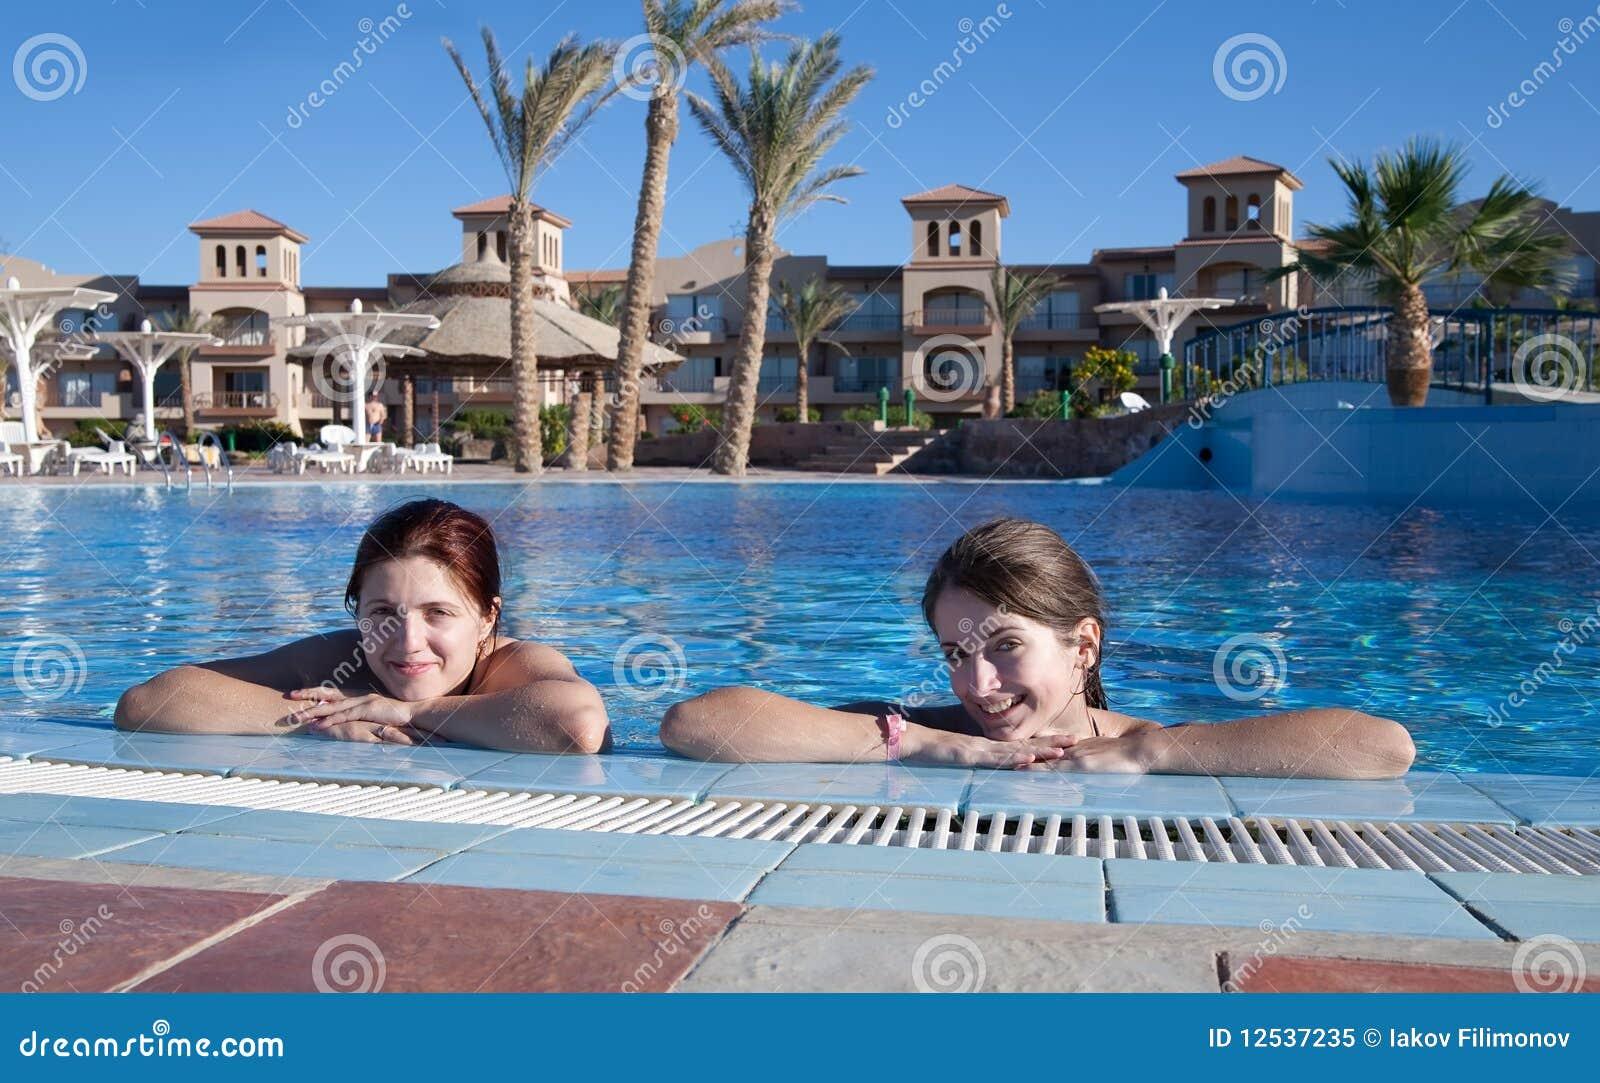 Мжм в бассейне